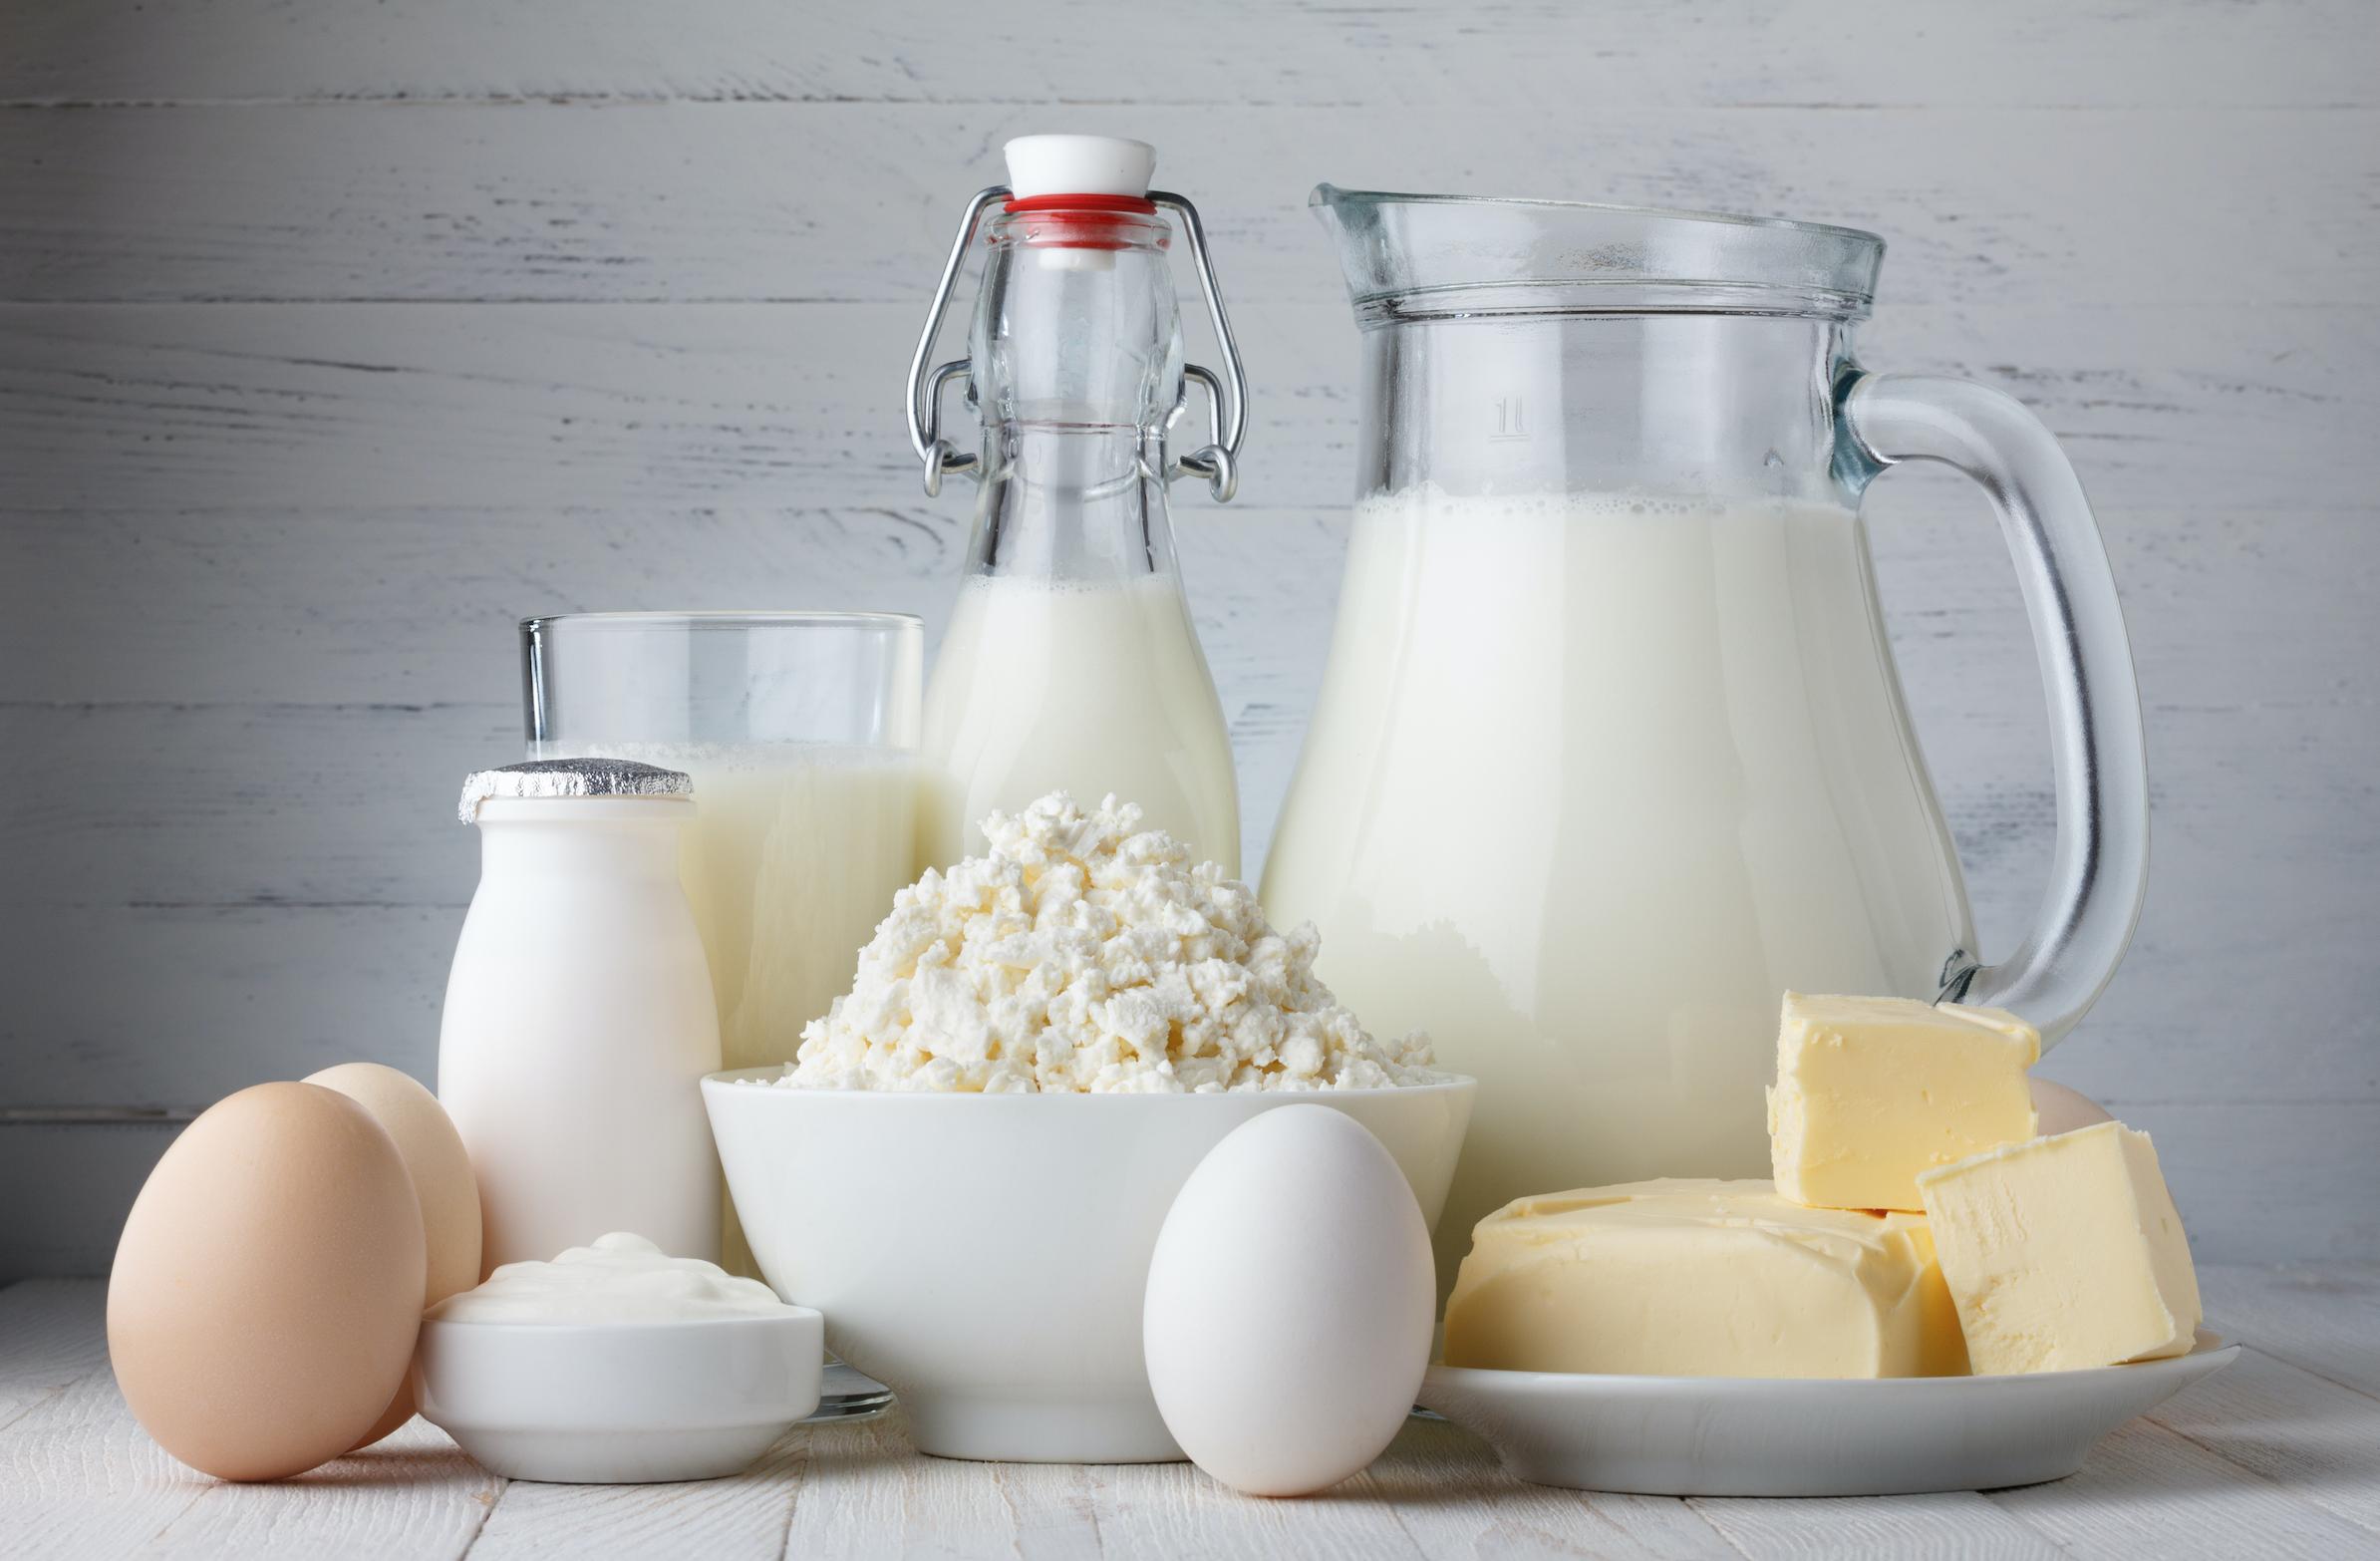 La leche 100% real de California tiene ahora una certificación